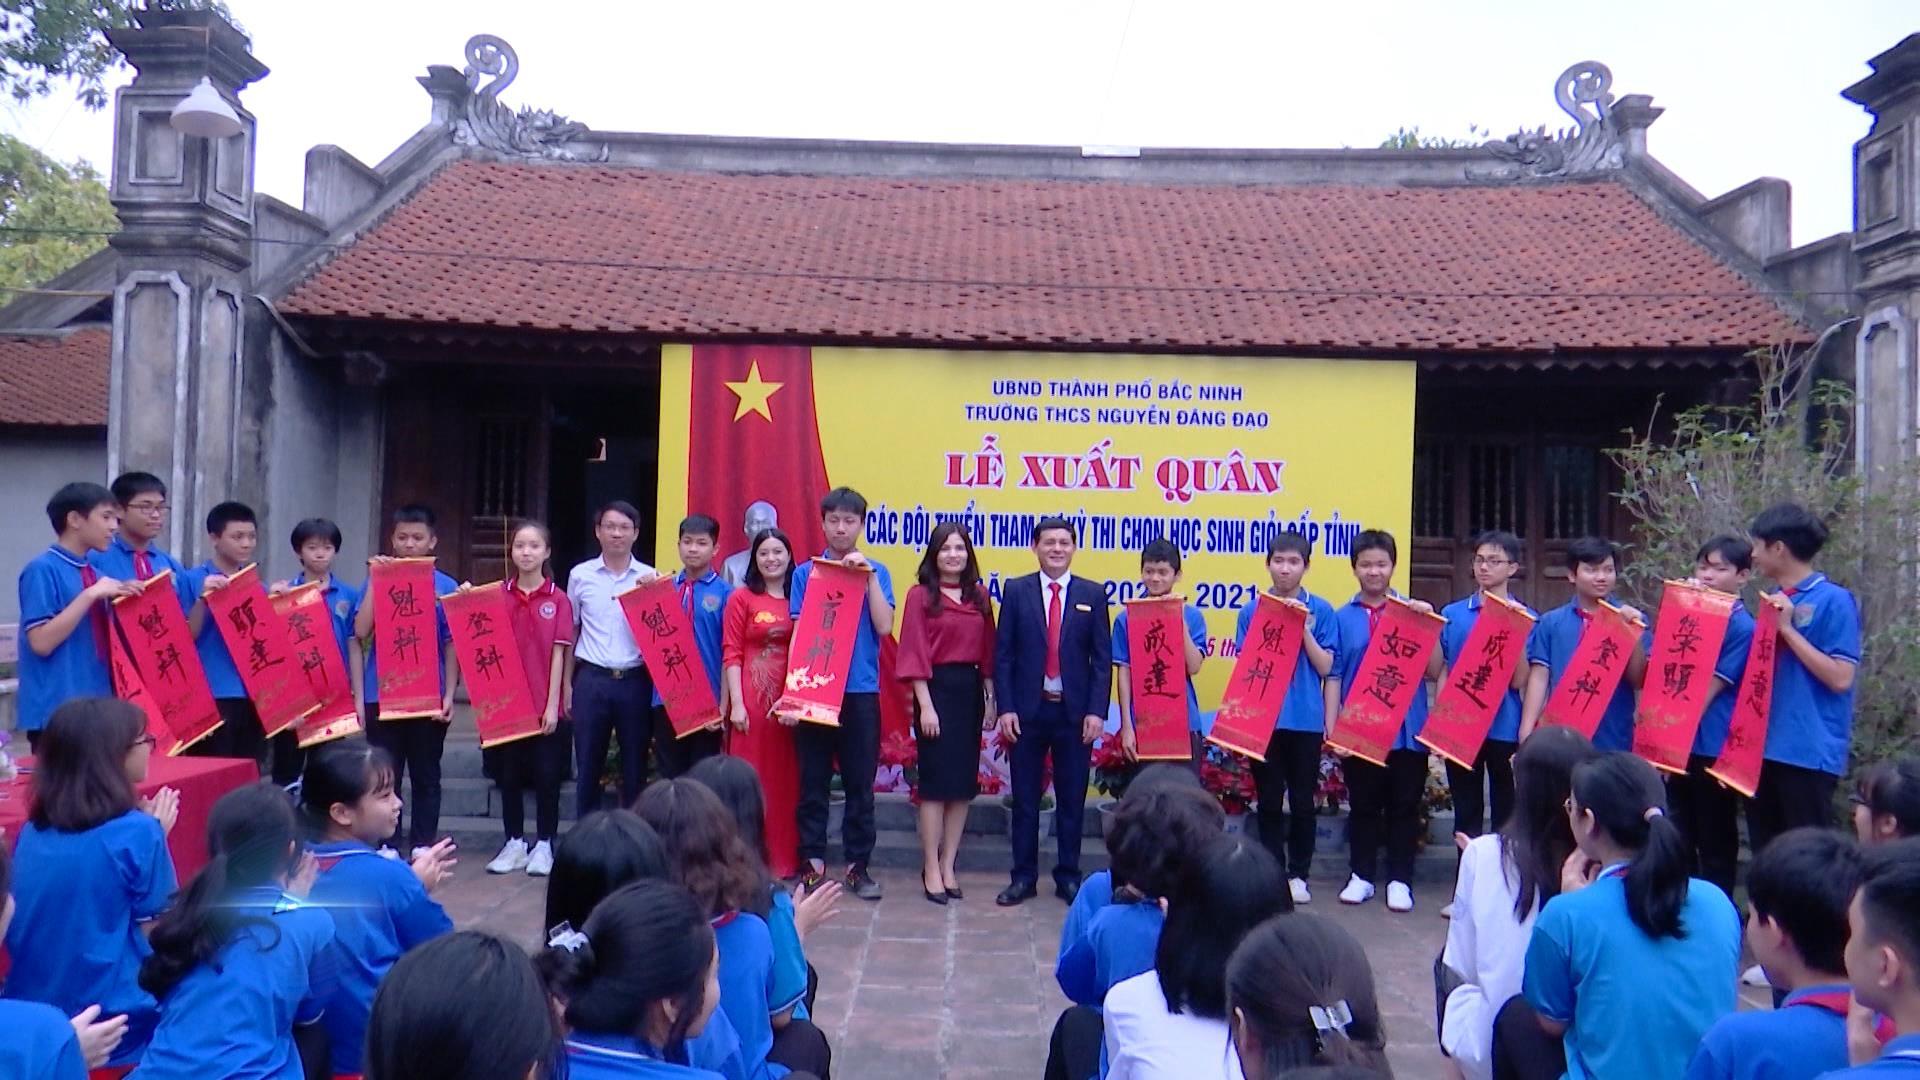 Lễ xuất quân các đội tuyển tham dự kỳ thi học sinh giỏi cấp tỉnh năm học 2020-2021